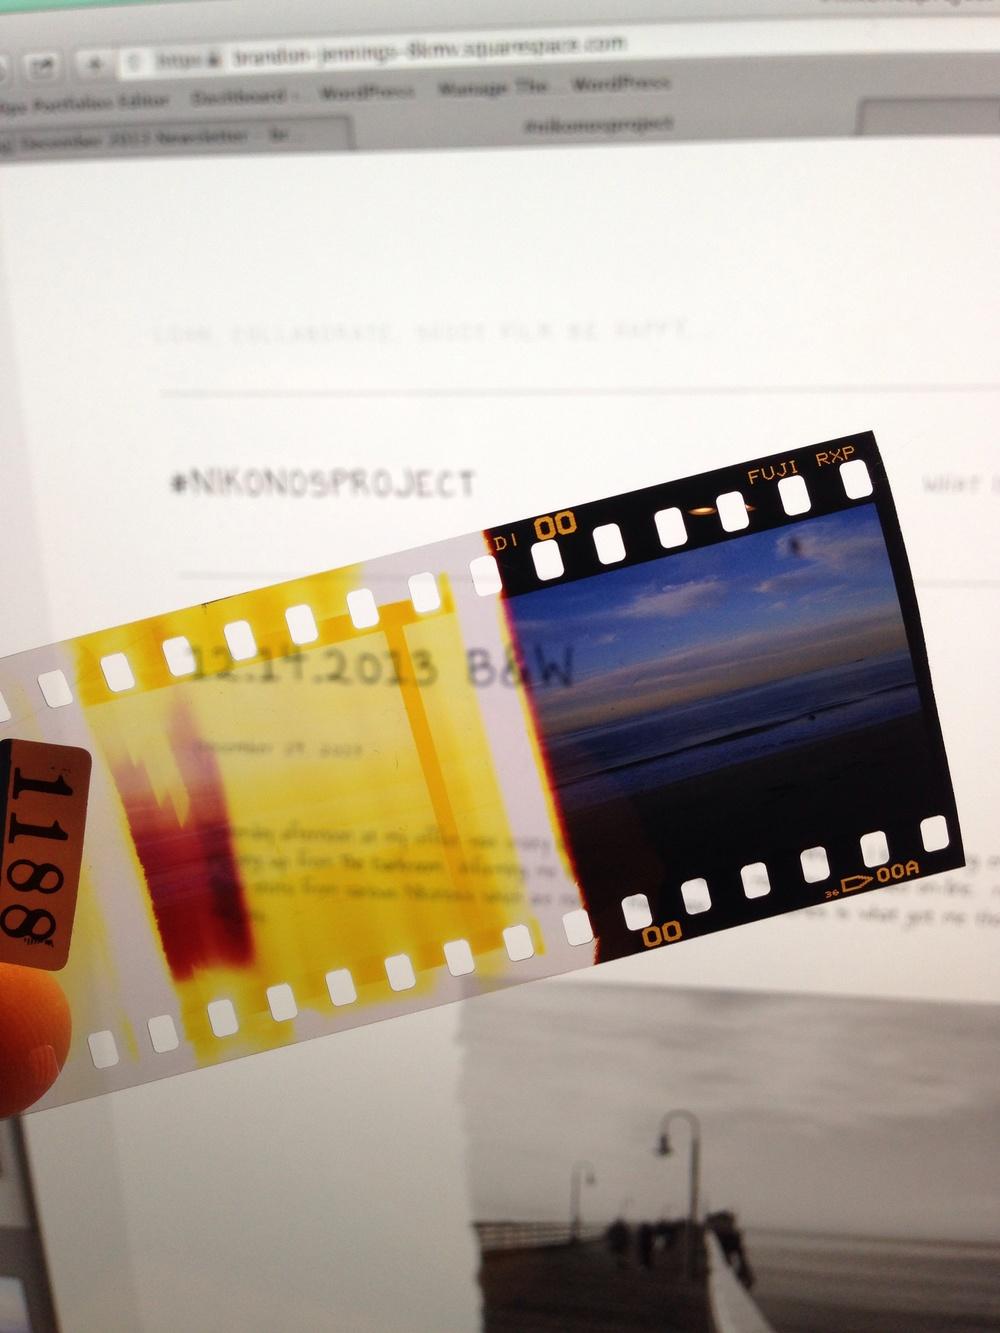 Nikonos i | Fuji provia 400 (slide)   | ©brandon jennings